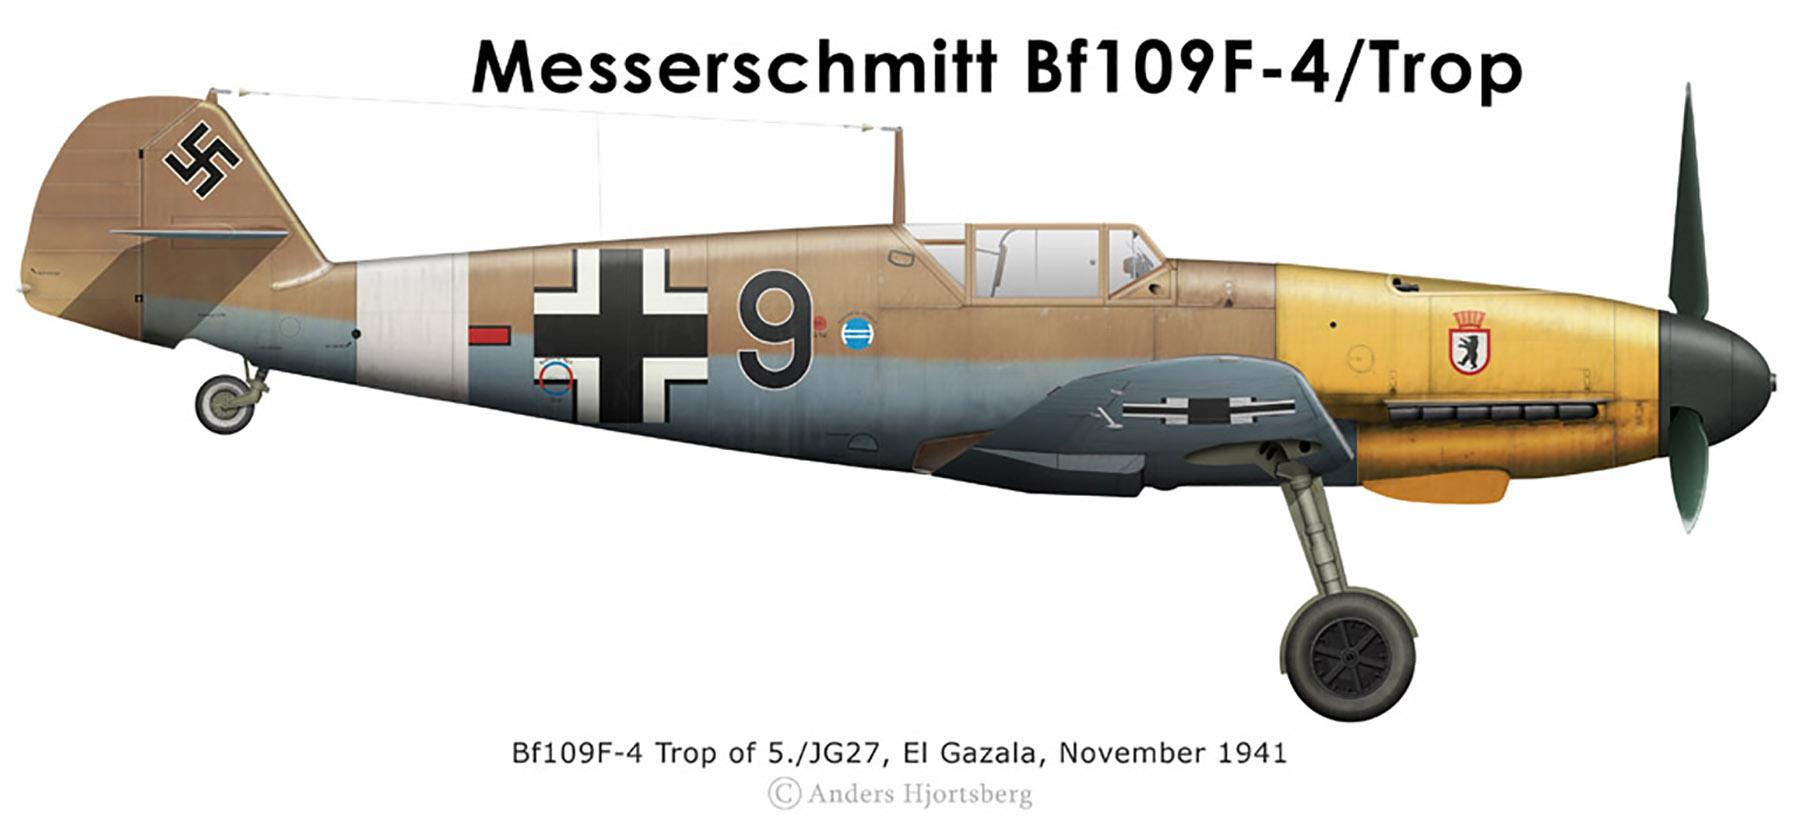 Messerschmitt Bf 109F4Trop 5.JG27 Black 9 El Gazala North Africa Nov 1941 0A